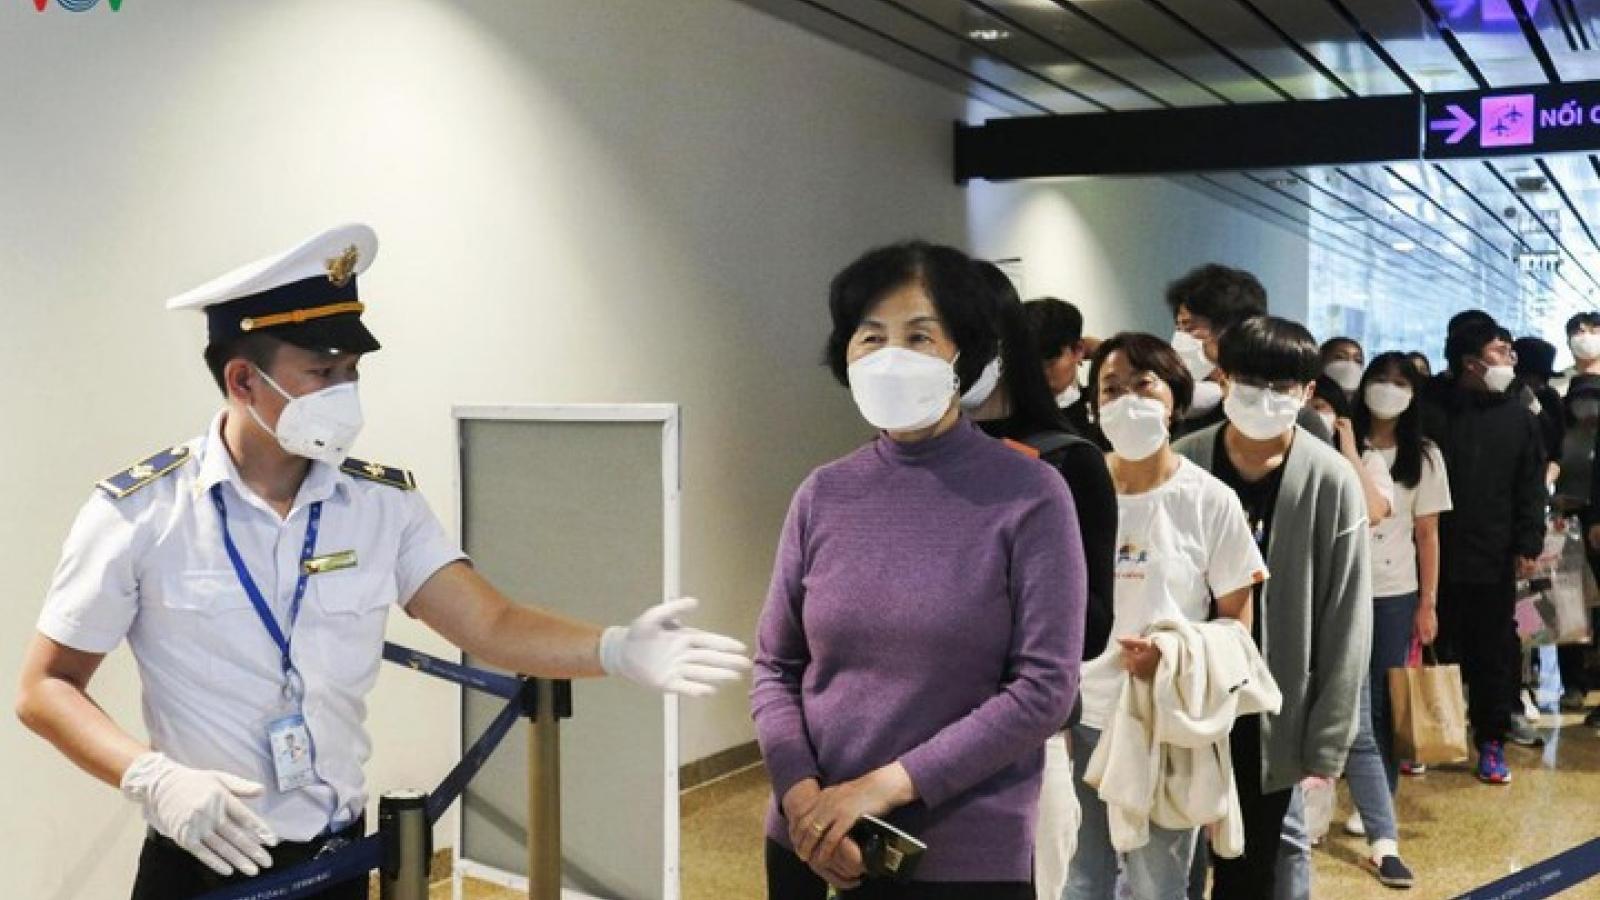 Hướng dẫn mới nhất về quy trình giám sát người nhập cảnh vào Việt Nam